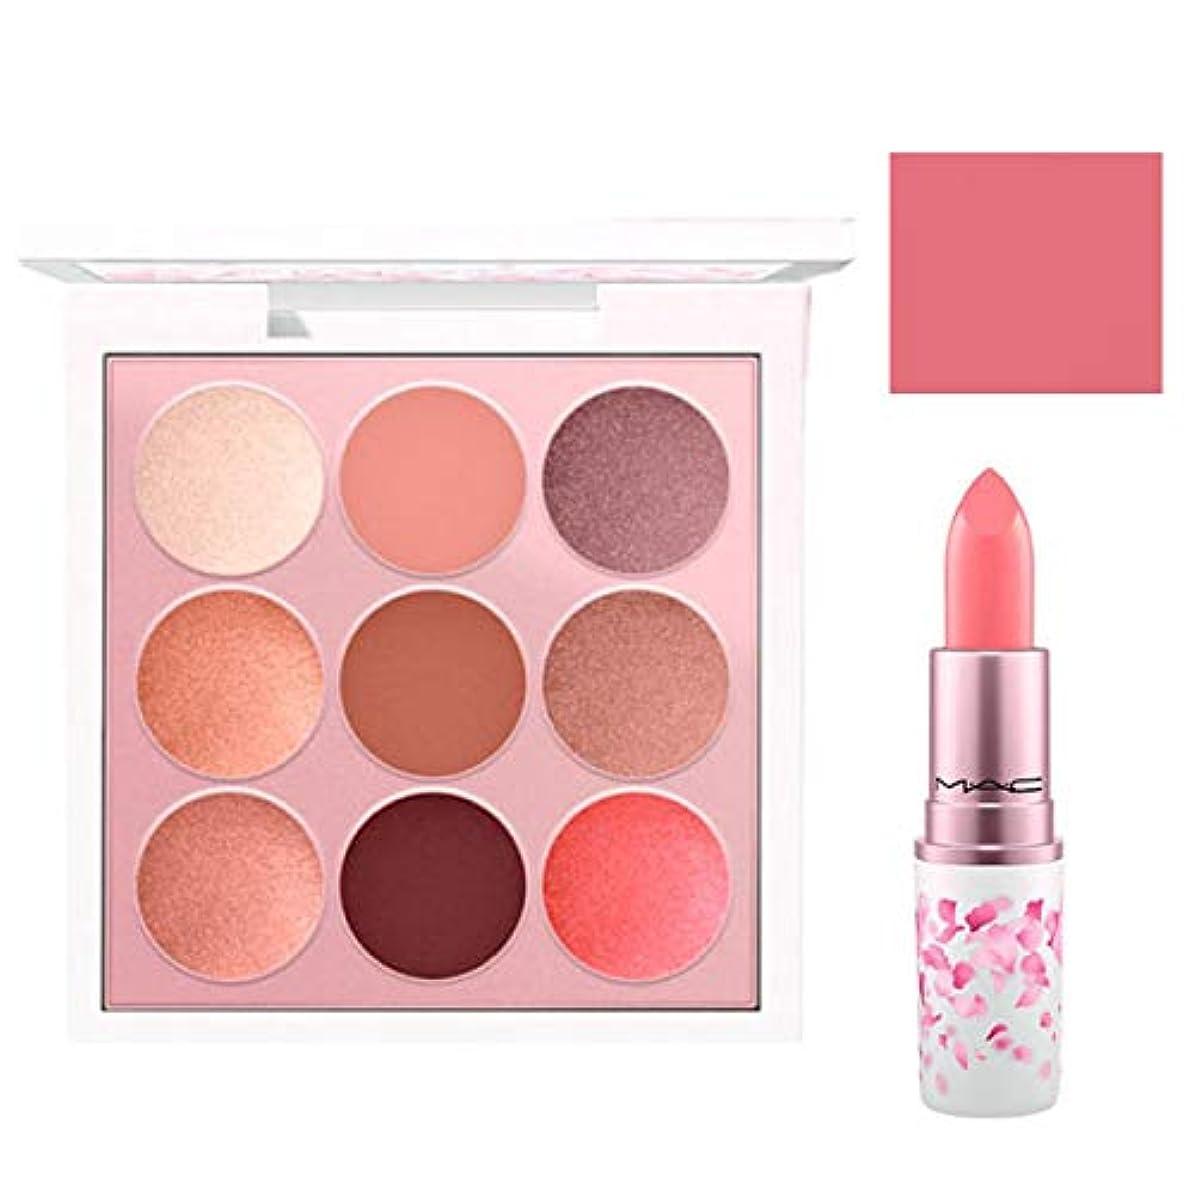 宿ドレス俳句M.A.C 限定版, Boom, Boom, Bloom EyeShadow & Lipstick (Kabuki Doll Palette & Hi-Fructease) [海外直送品] [並行輸入品]